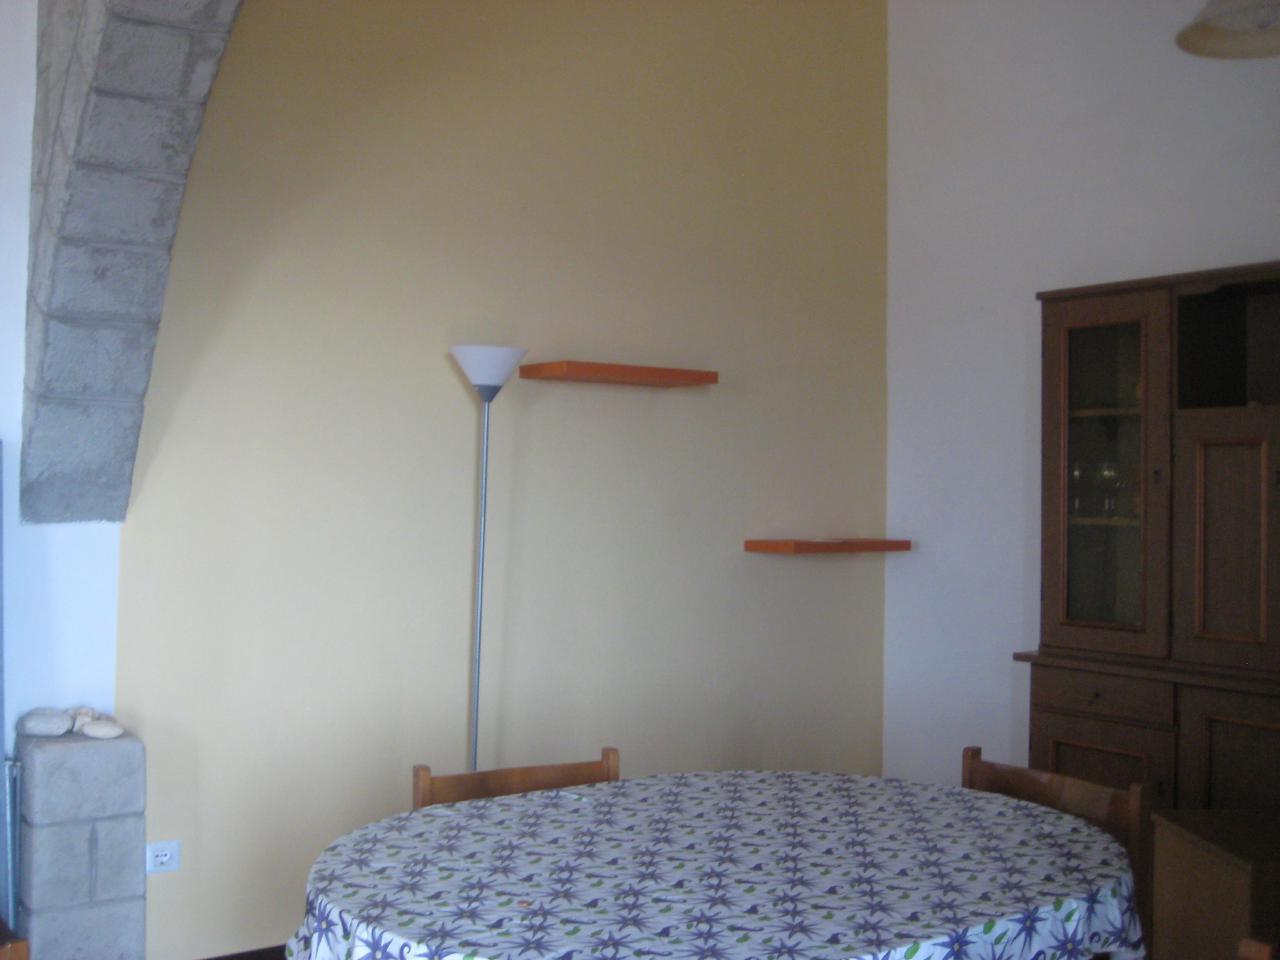 Ferienwohnung sardinien (553972), S'arena Scoada, Oristano, Sardinien, Italien, Bild 8